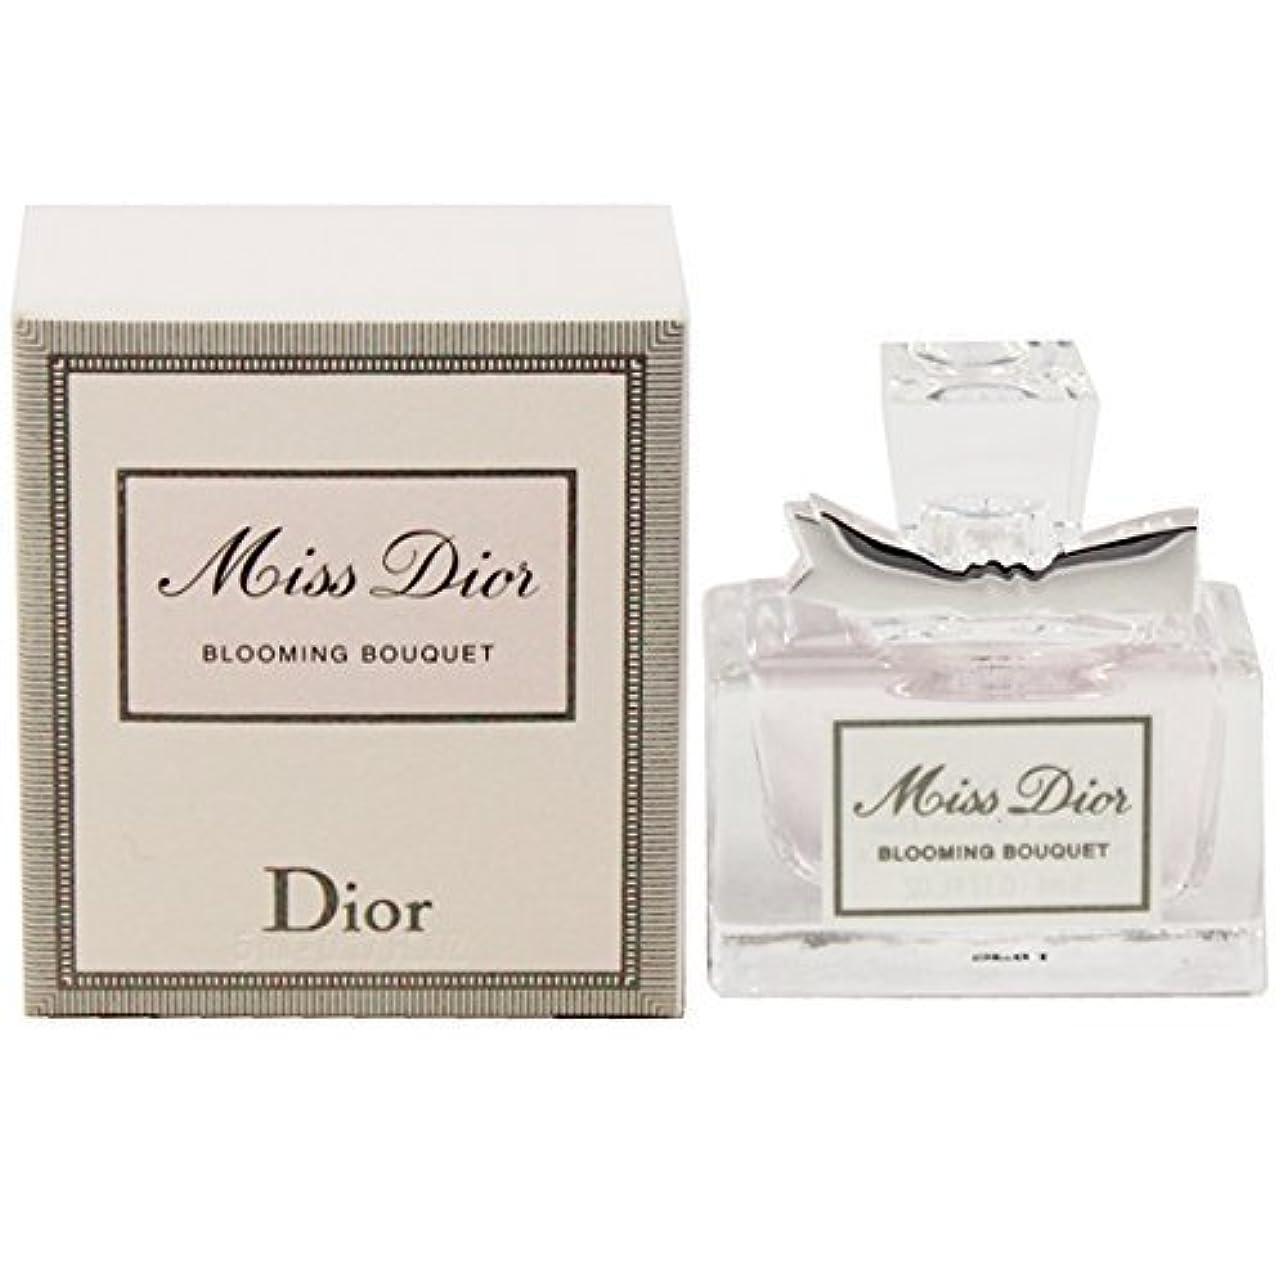 ねばねば電池粘着性クリスチャン ディオール(Christian Dior) ミス ディオール ブルーミングブーケEDT?BT 5ml [並行輸入品]